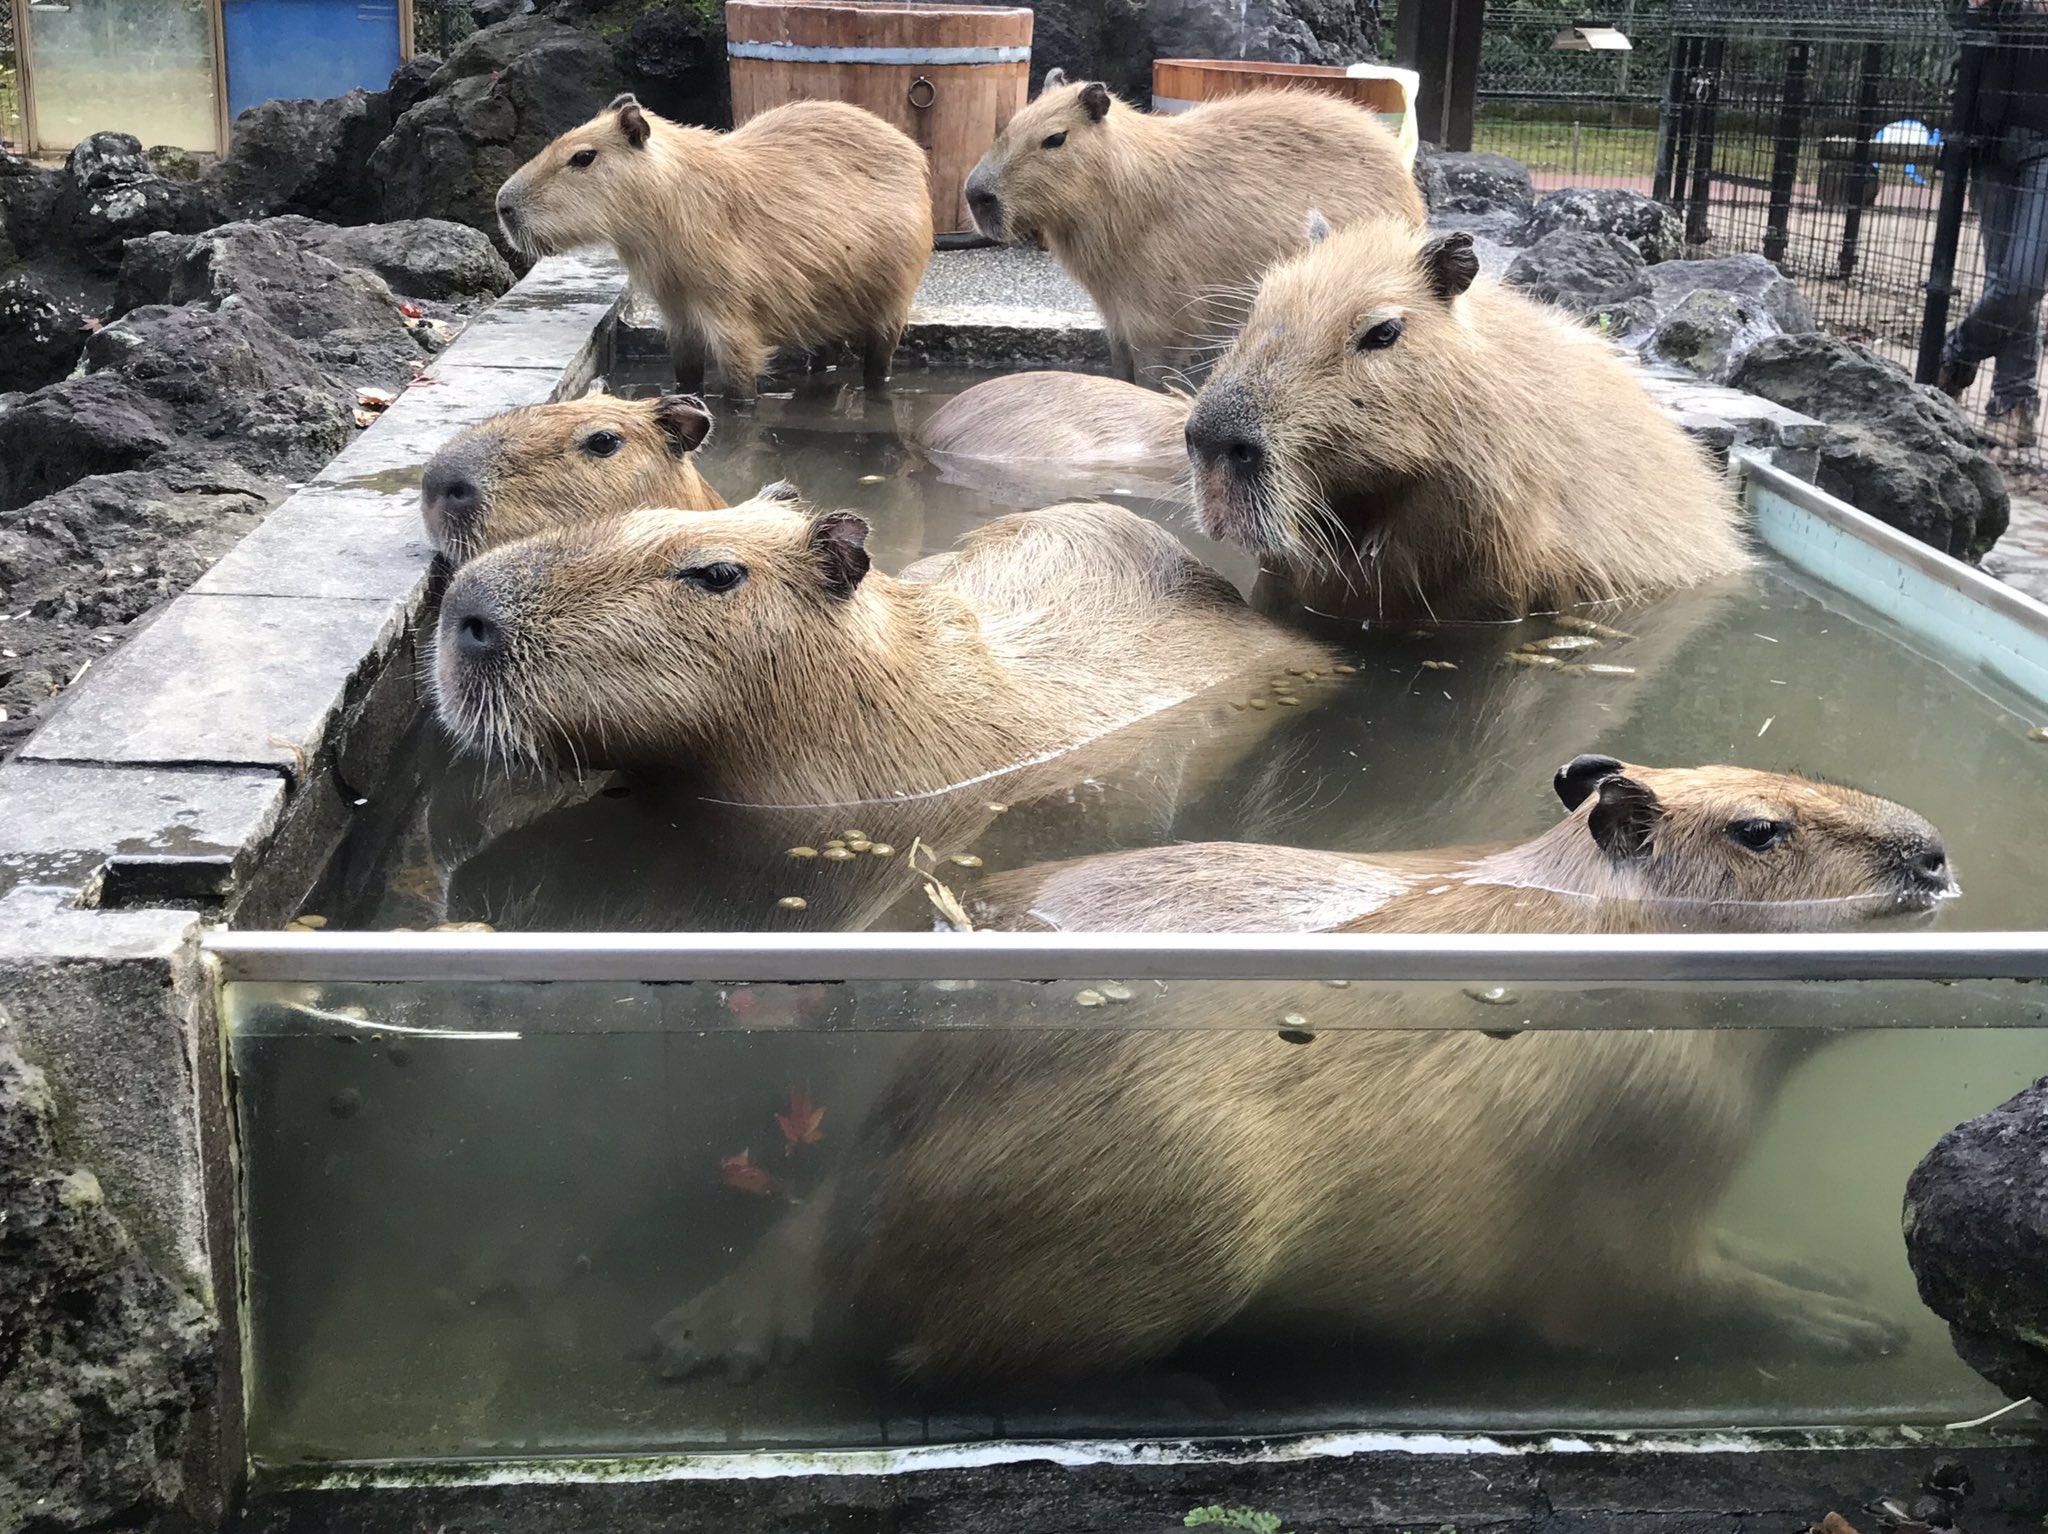 水豚也迎來溫泉祭 網抓包旁邊那隻「硬塞木桶」大笑:會擠到變形啦! - Fluffy 寵毛孩